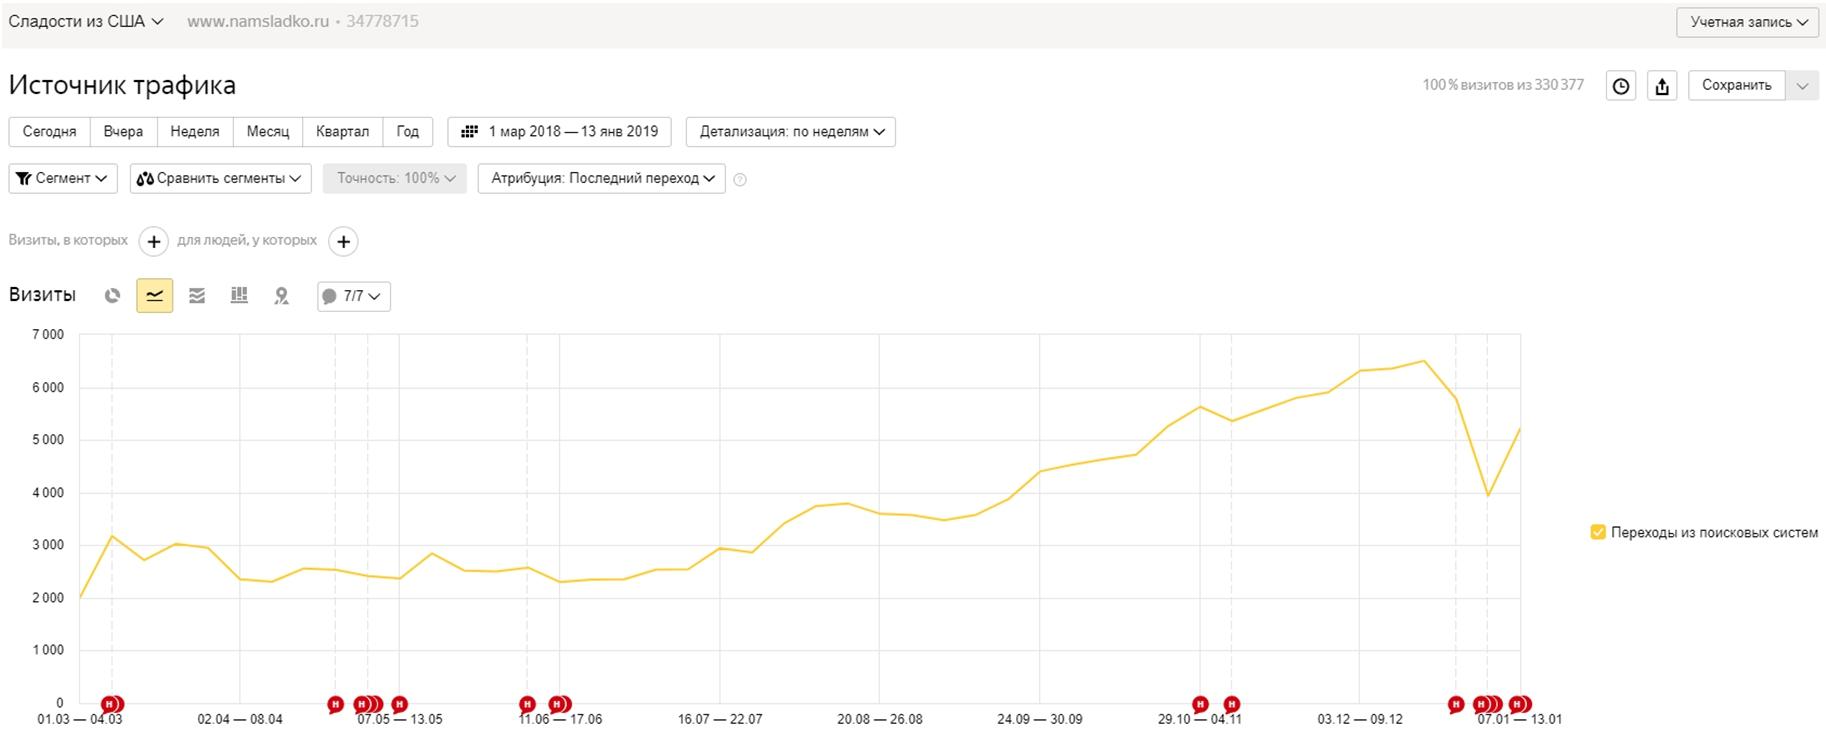 СЛАДОСТИ ИЗ ЕВРОПЫ - ТОП 2 Yandex (Москва)